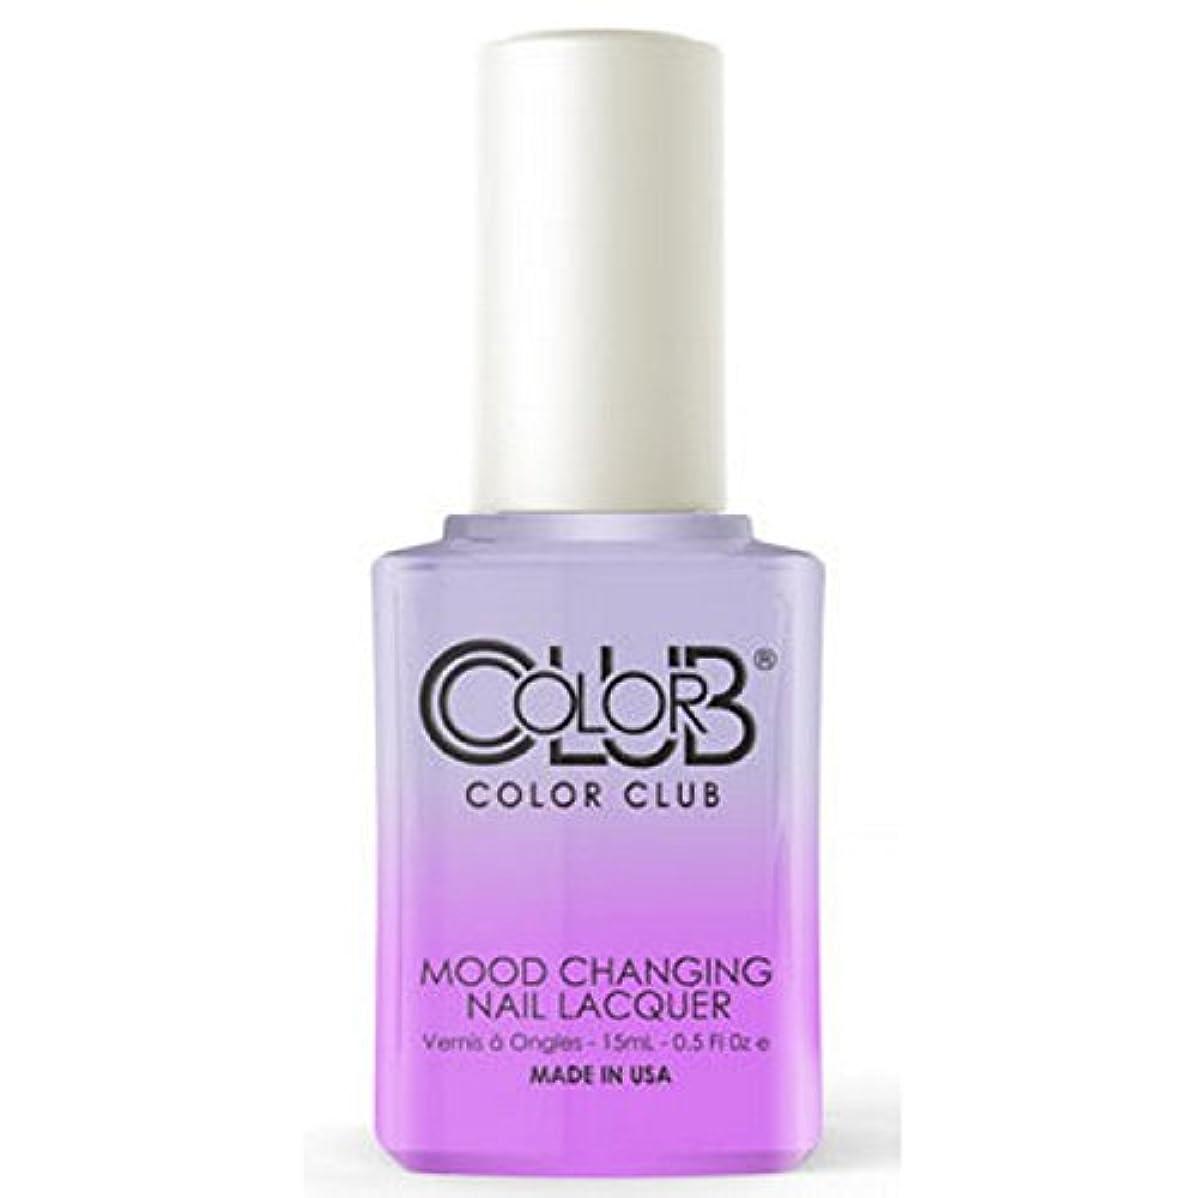 ナイロン政治家マイルストーンColor Club Mood Changing Nail Lacquer - Easy Breezy- 15 mL / 0.5 fl oz